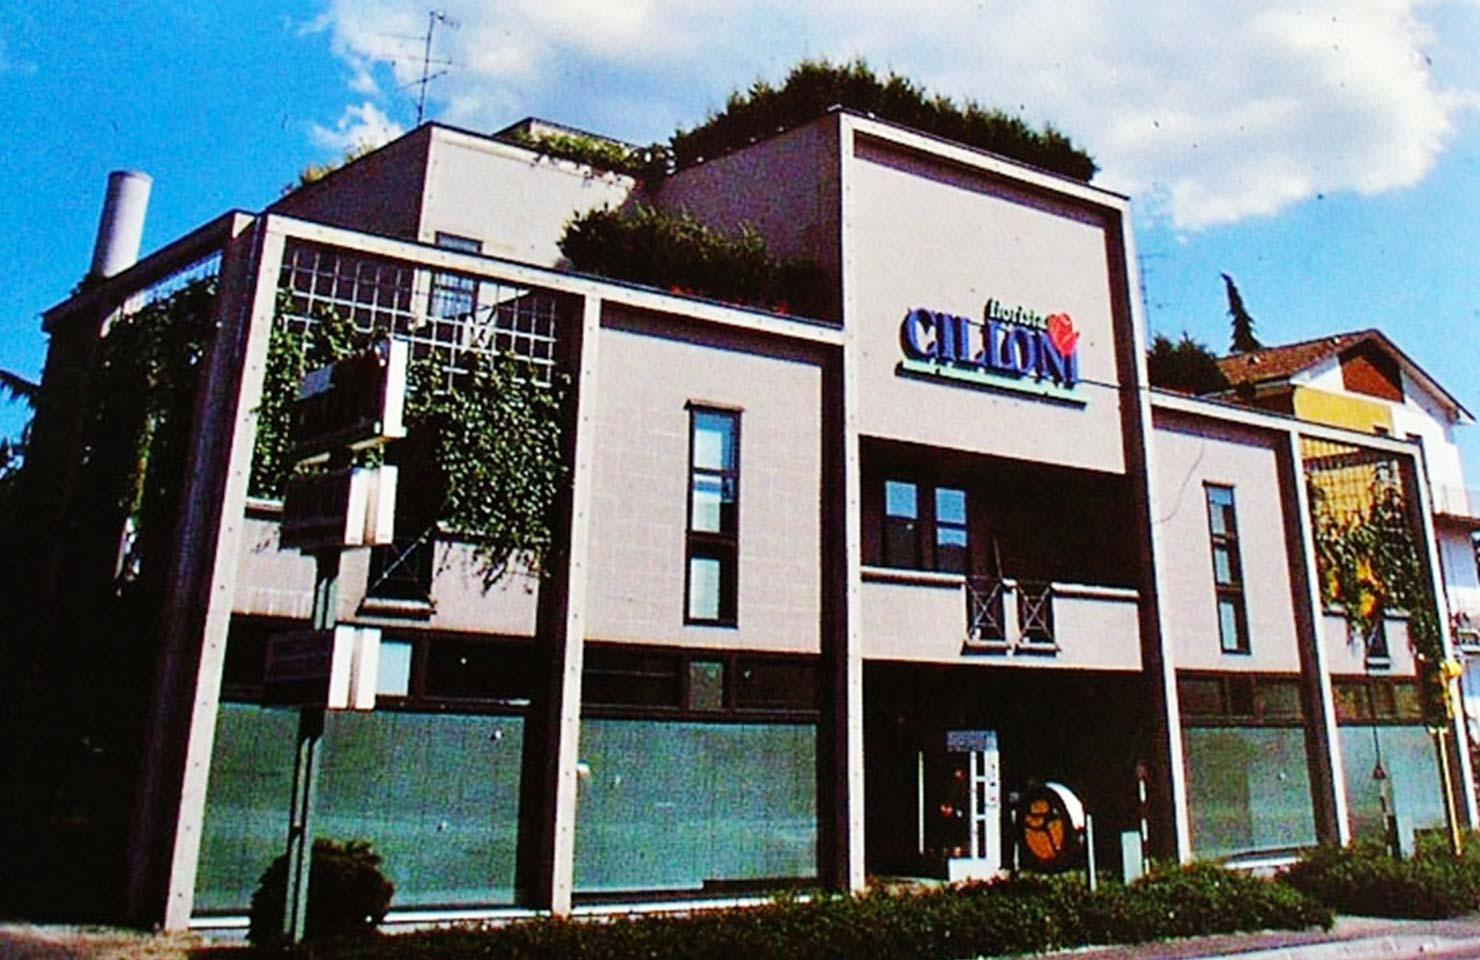 Nuova sede fioristica Cilloni (RE)